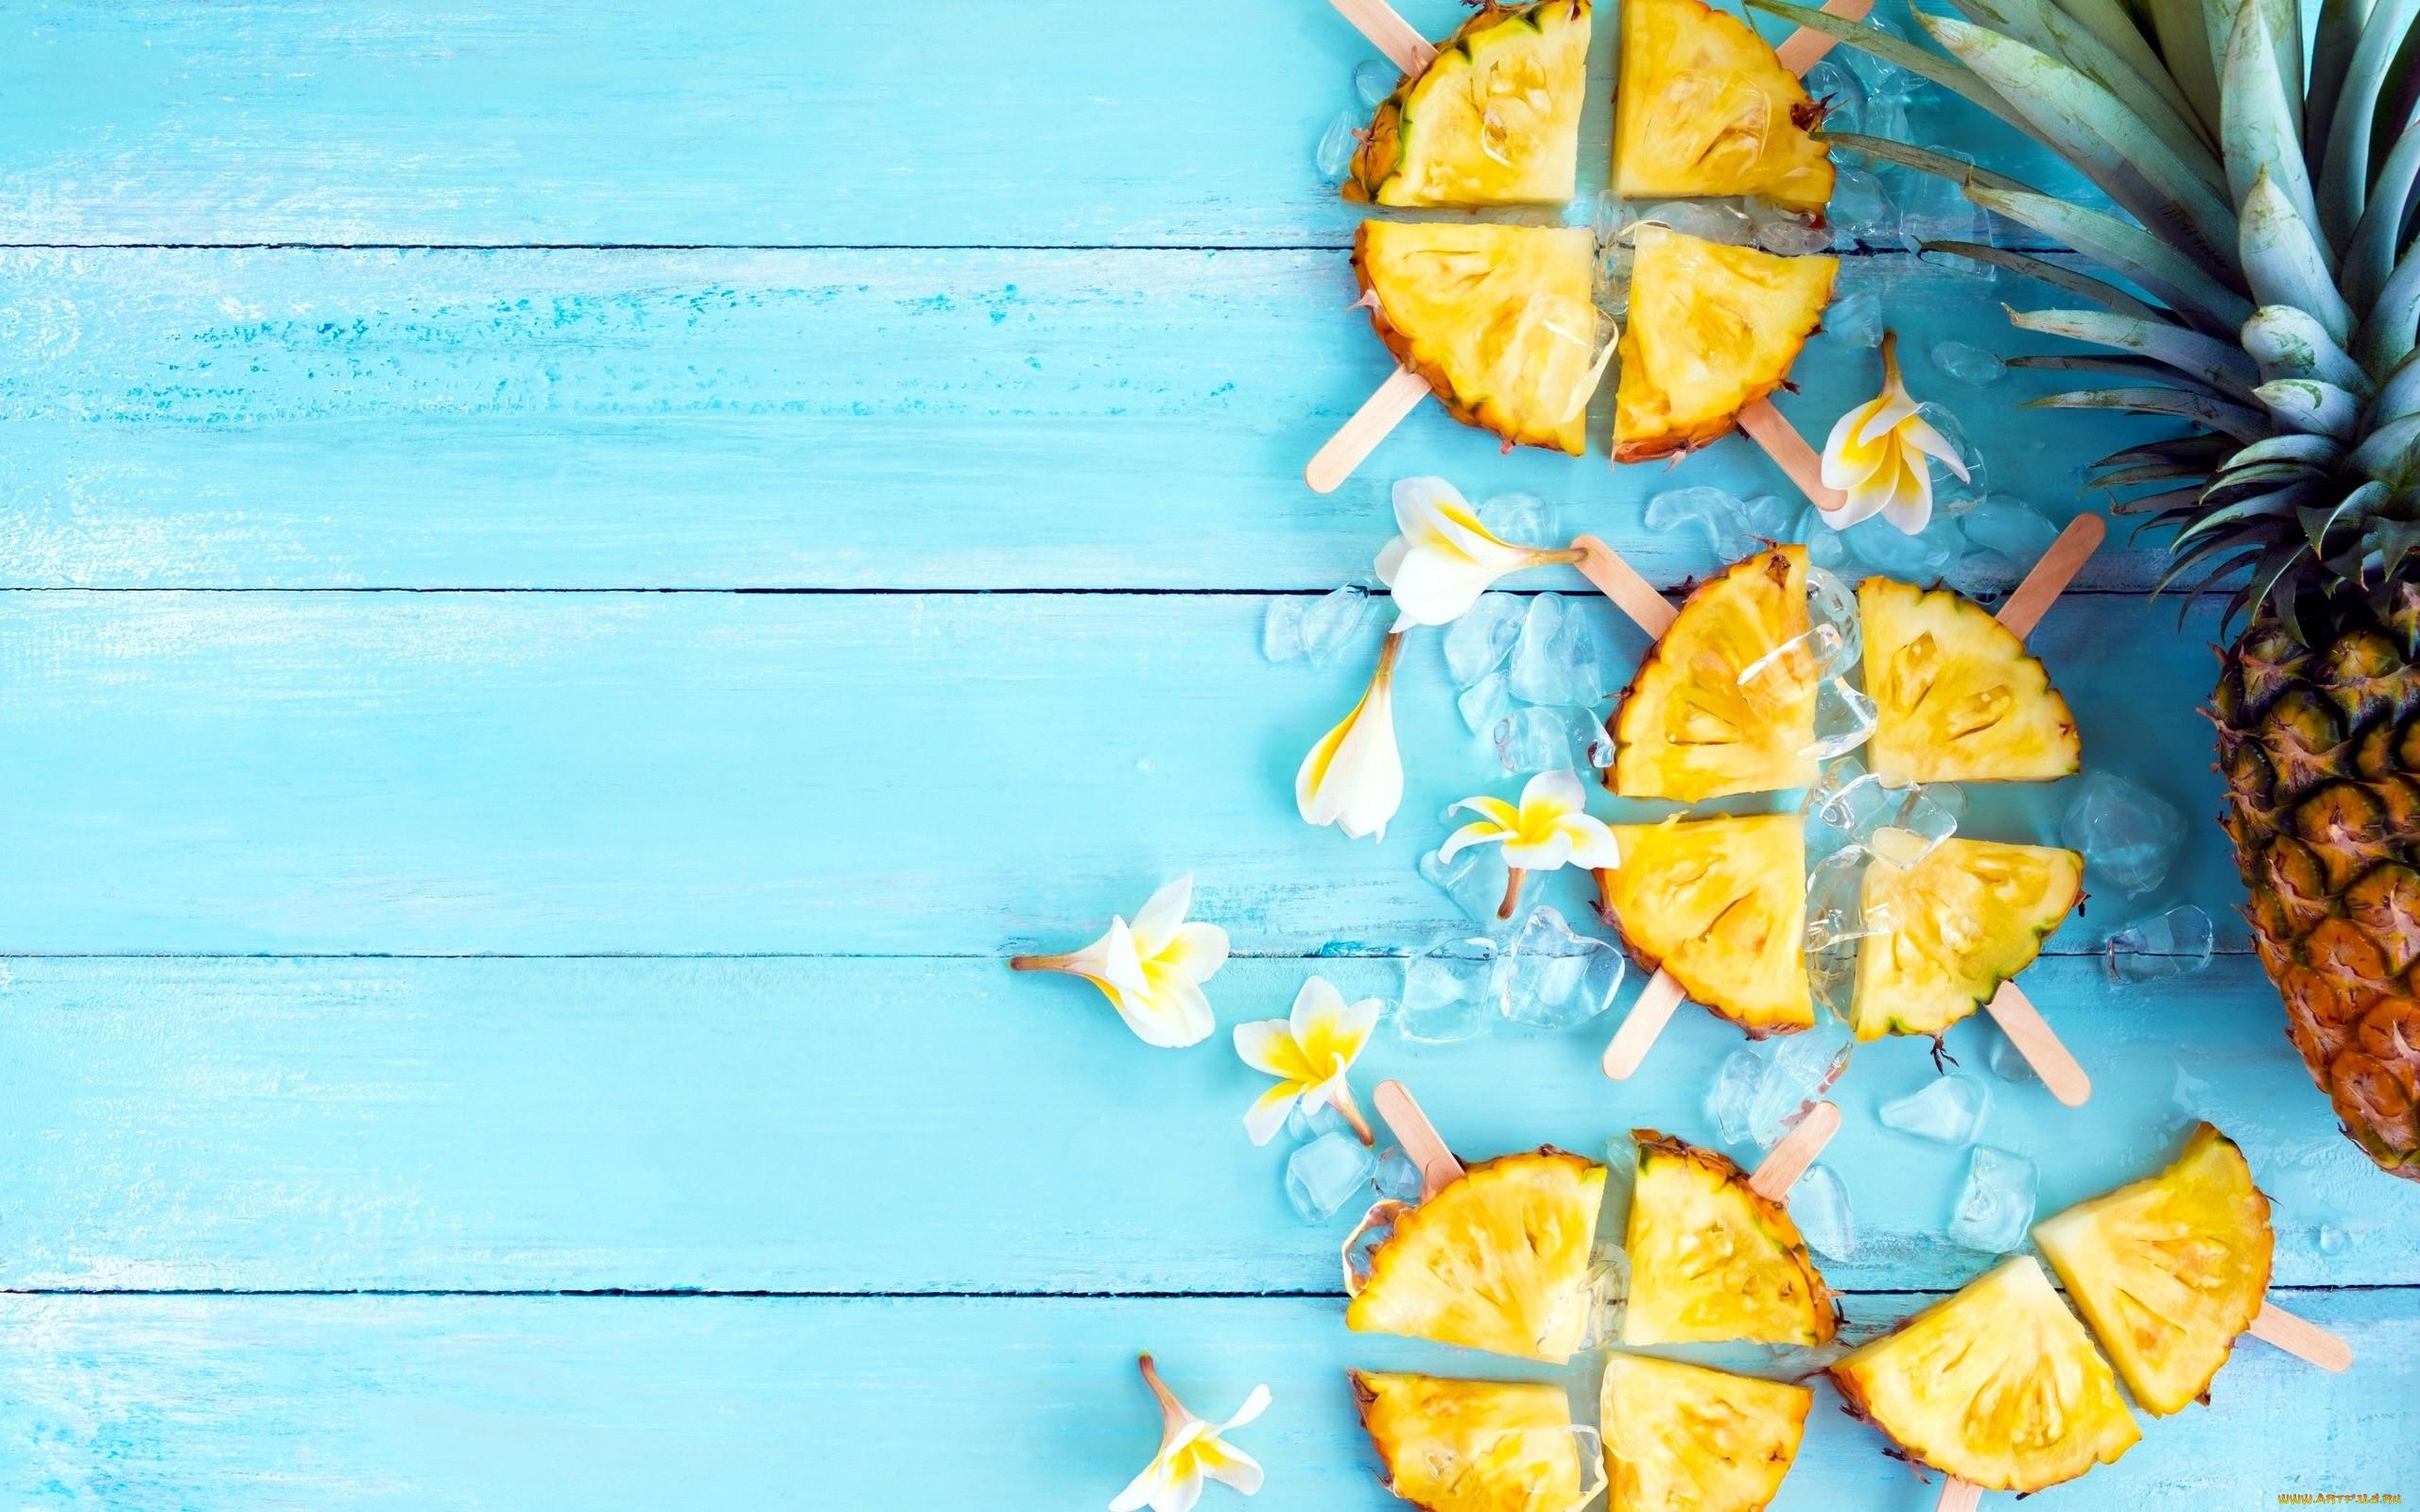 слова яркие летние картинки ананас случае